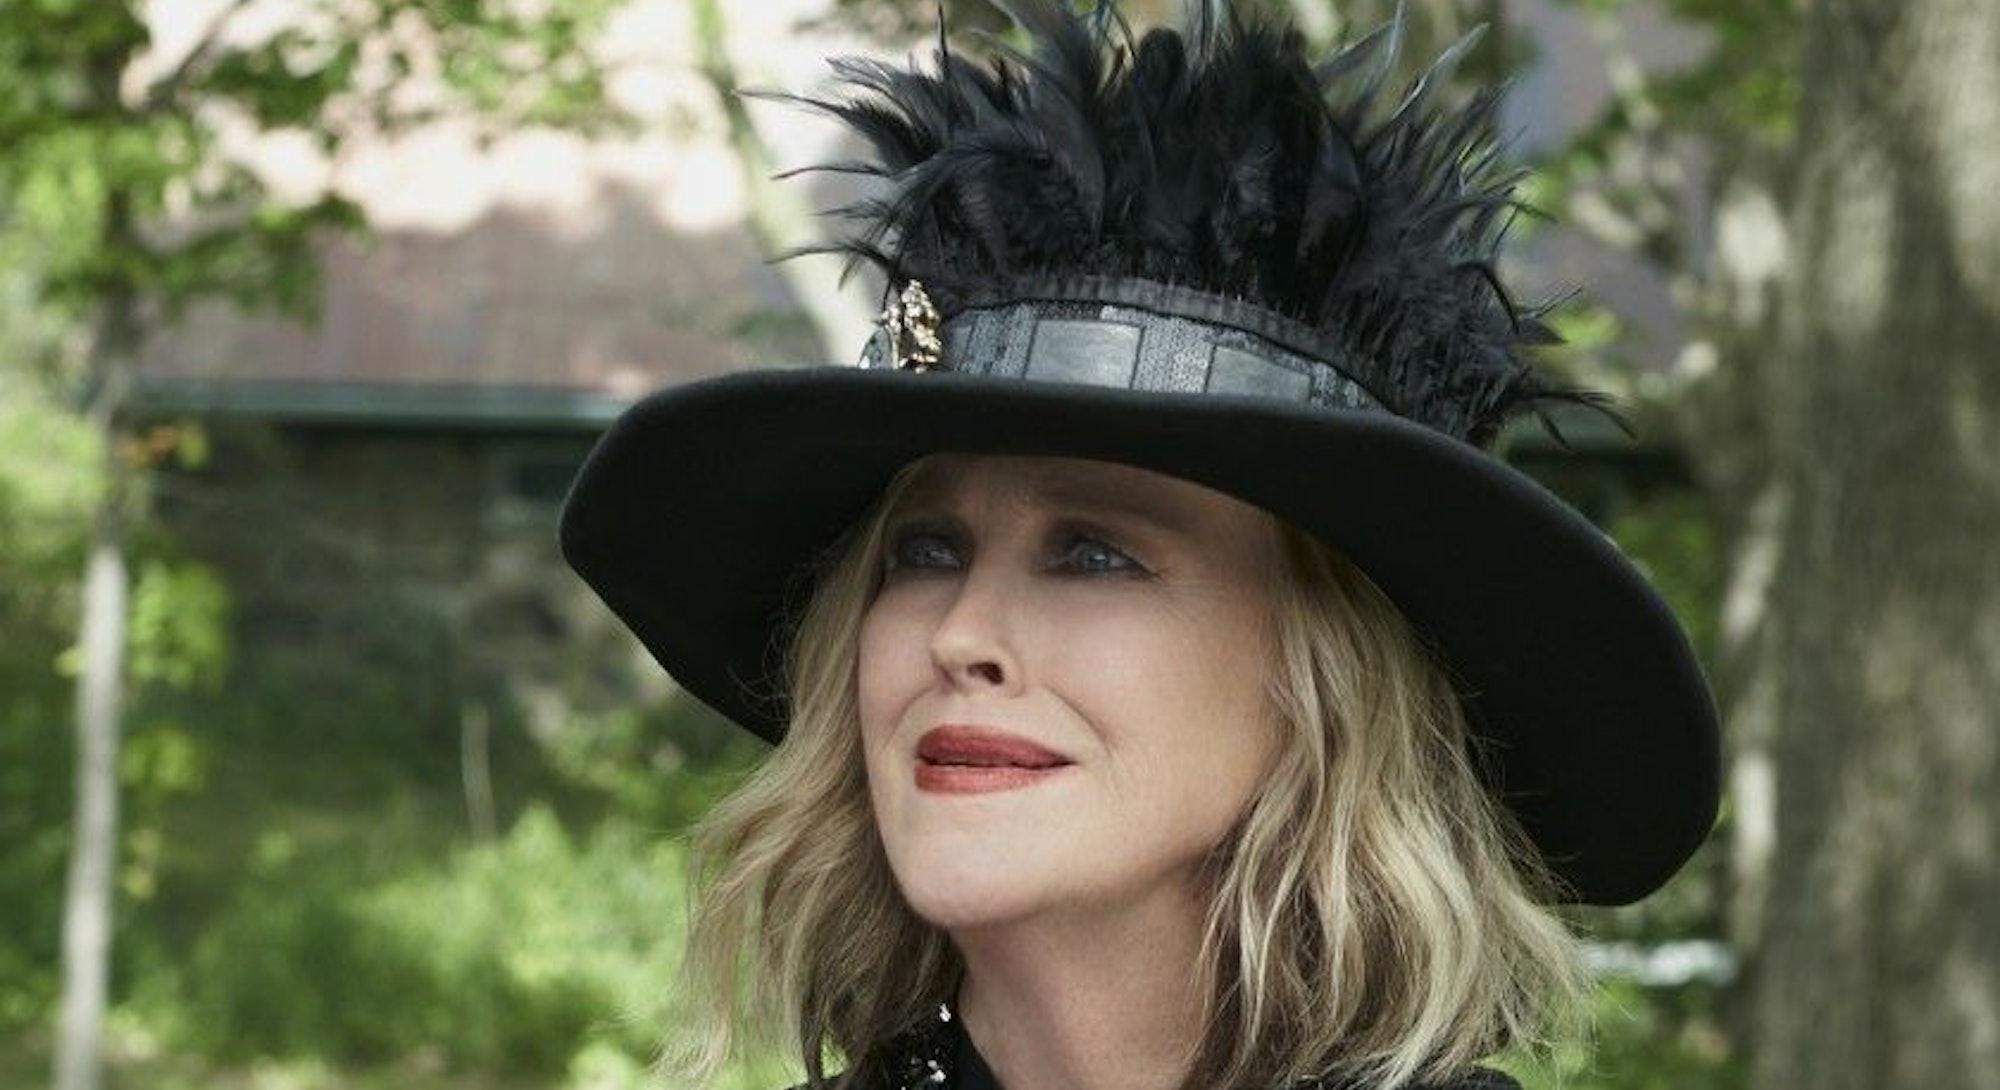 moira rose schitt's creek hat